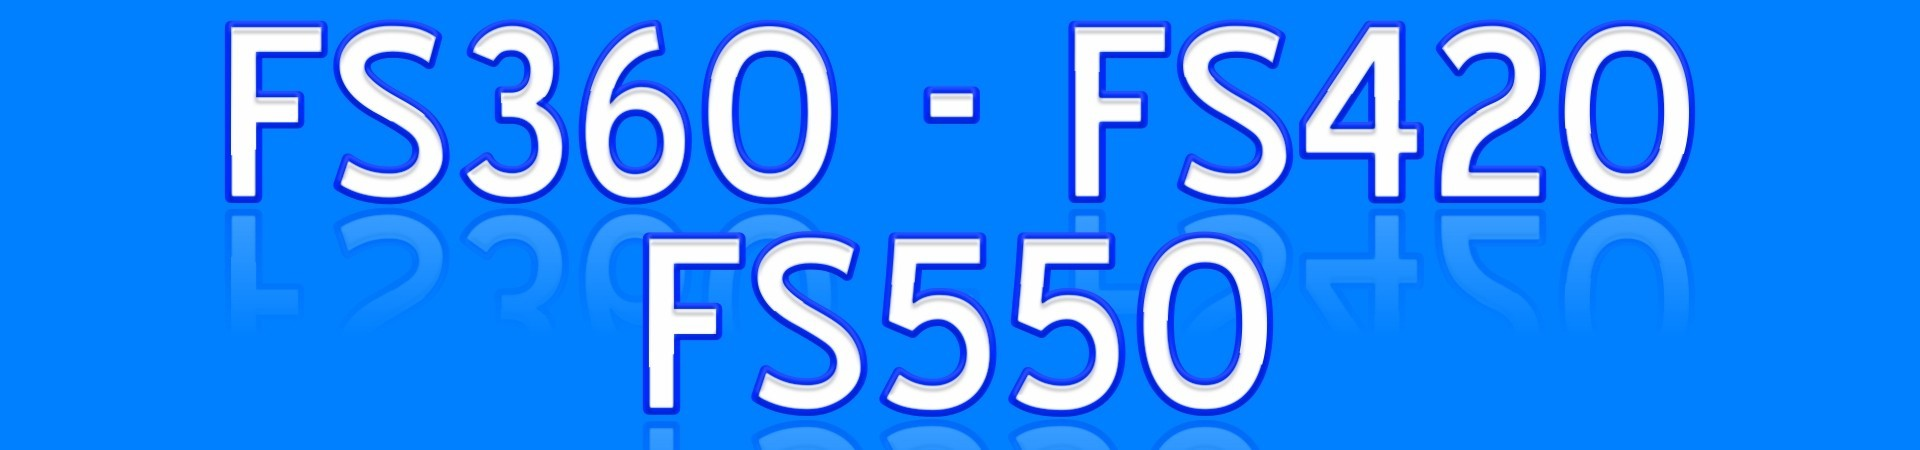 FS360 FS420 FS550